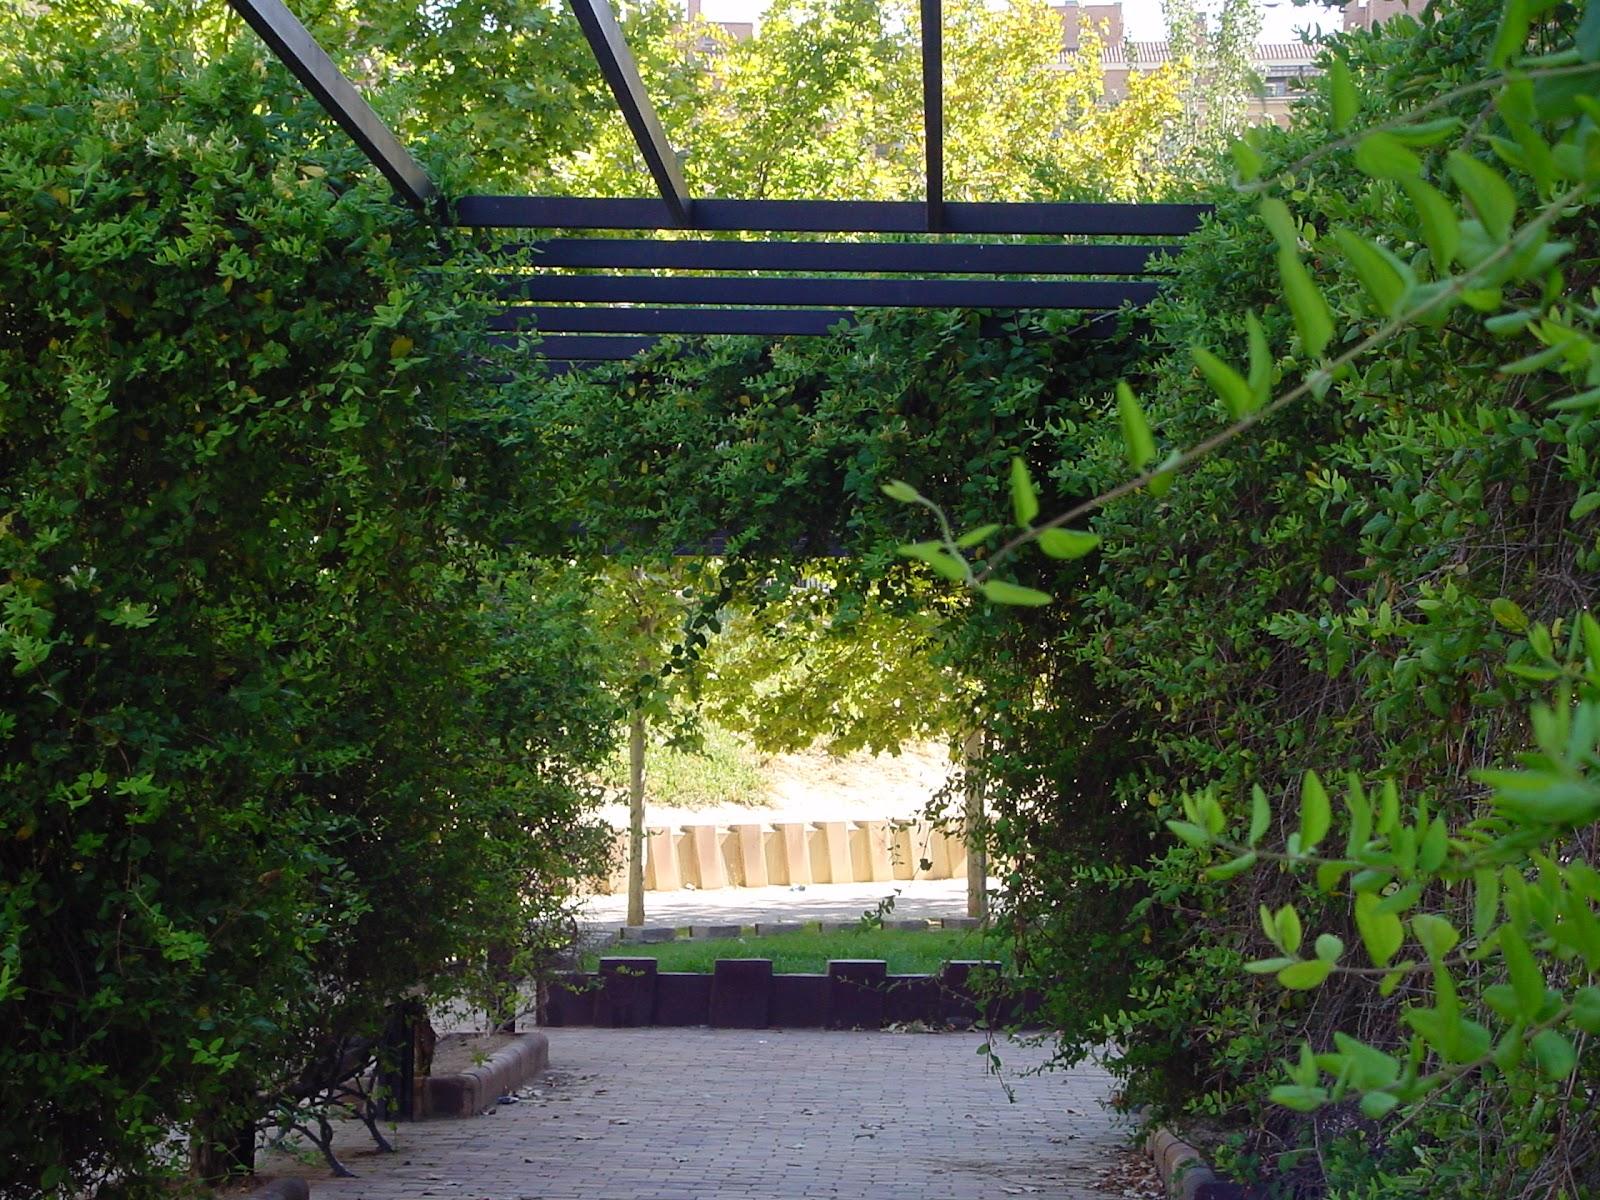 Jardineria eladio nonay jardiner a eladio nonay p rgolas - Arcos de madera para jardin ...